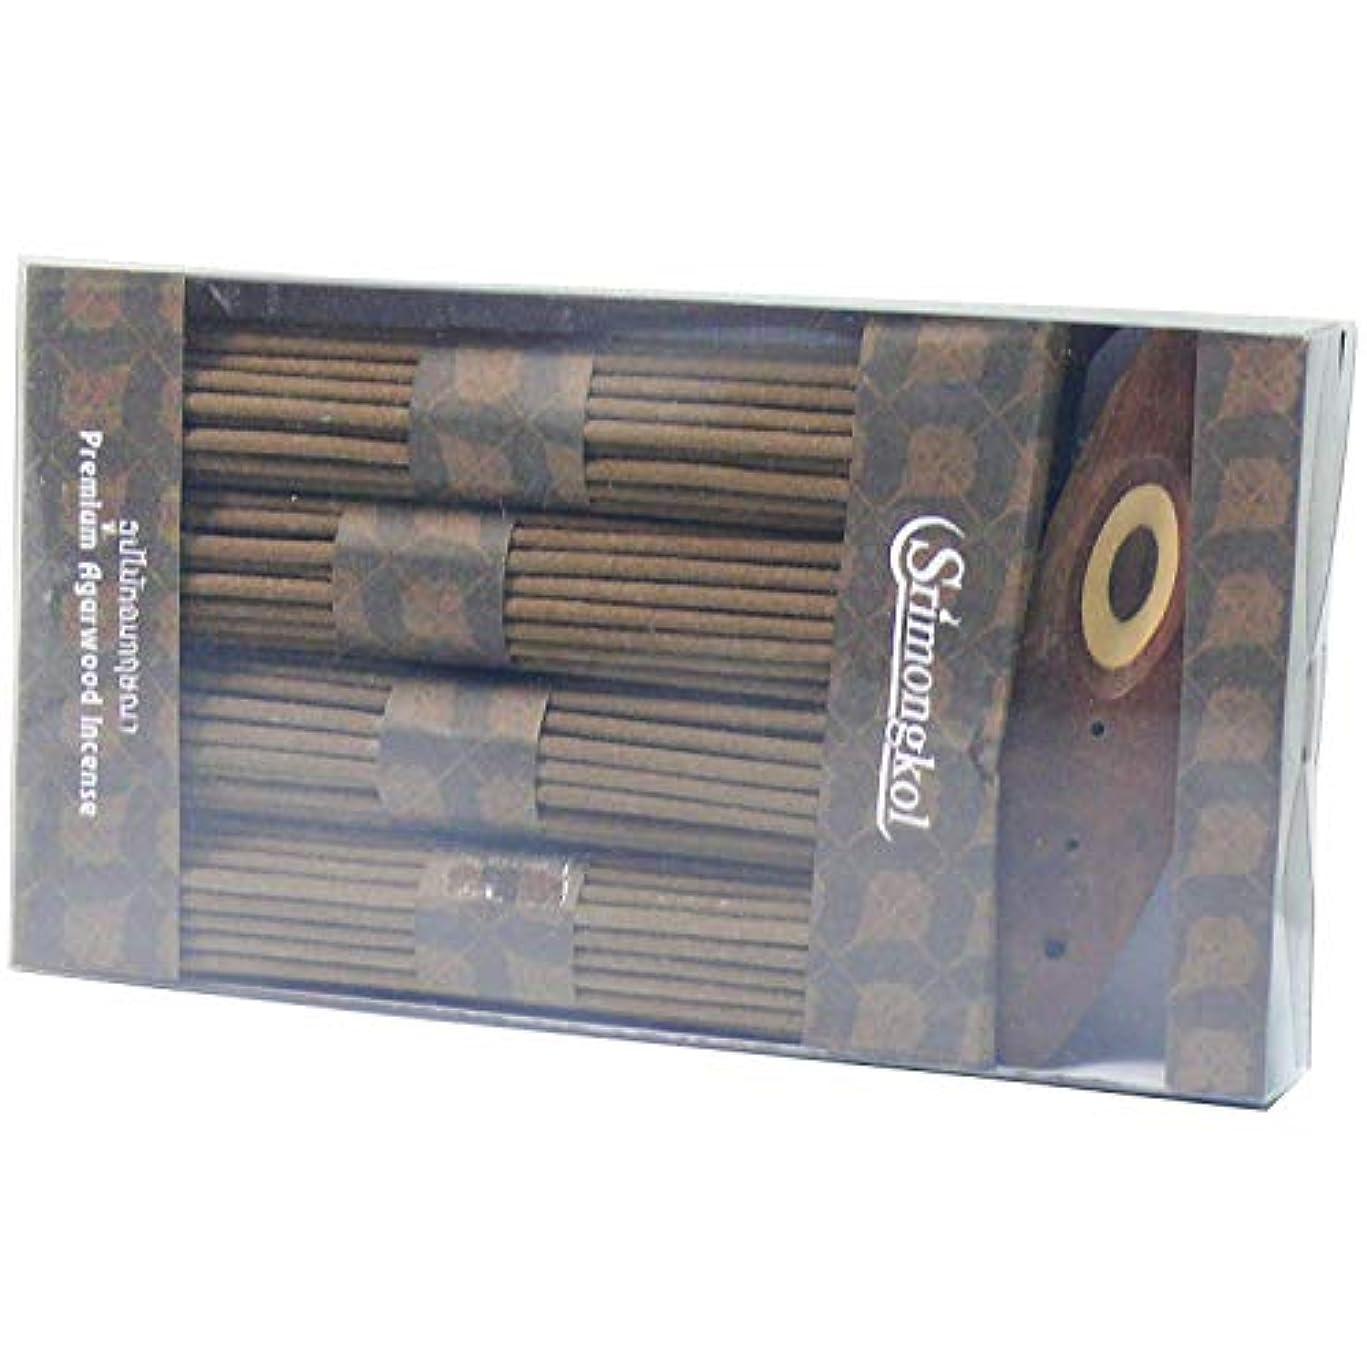 略奪賢い海軍Premuim Agarwood Natural Incense Cones 200 Grams (No Chemical) :プレミアムアガーウッドナチュラル香コーン200グラム(化学薬品なし)